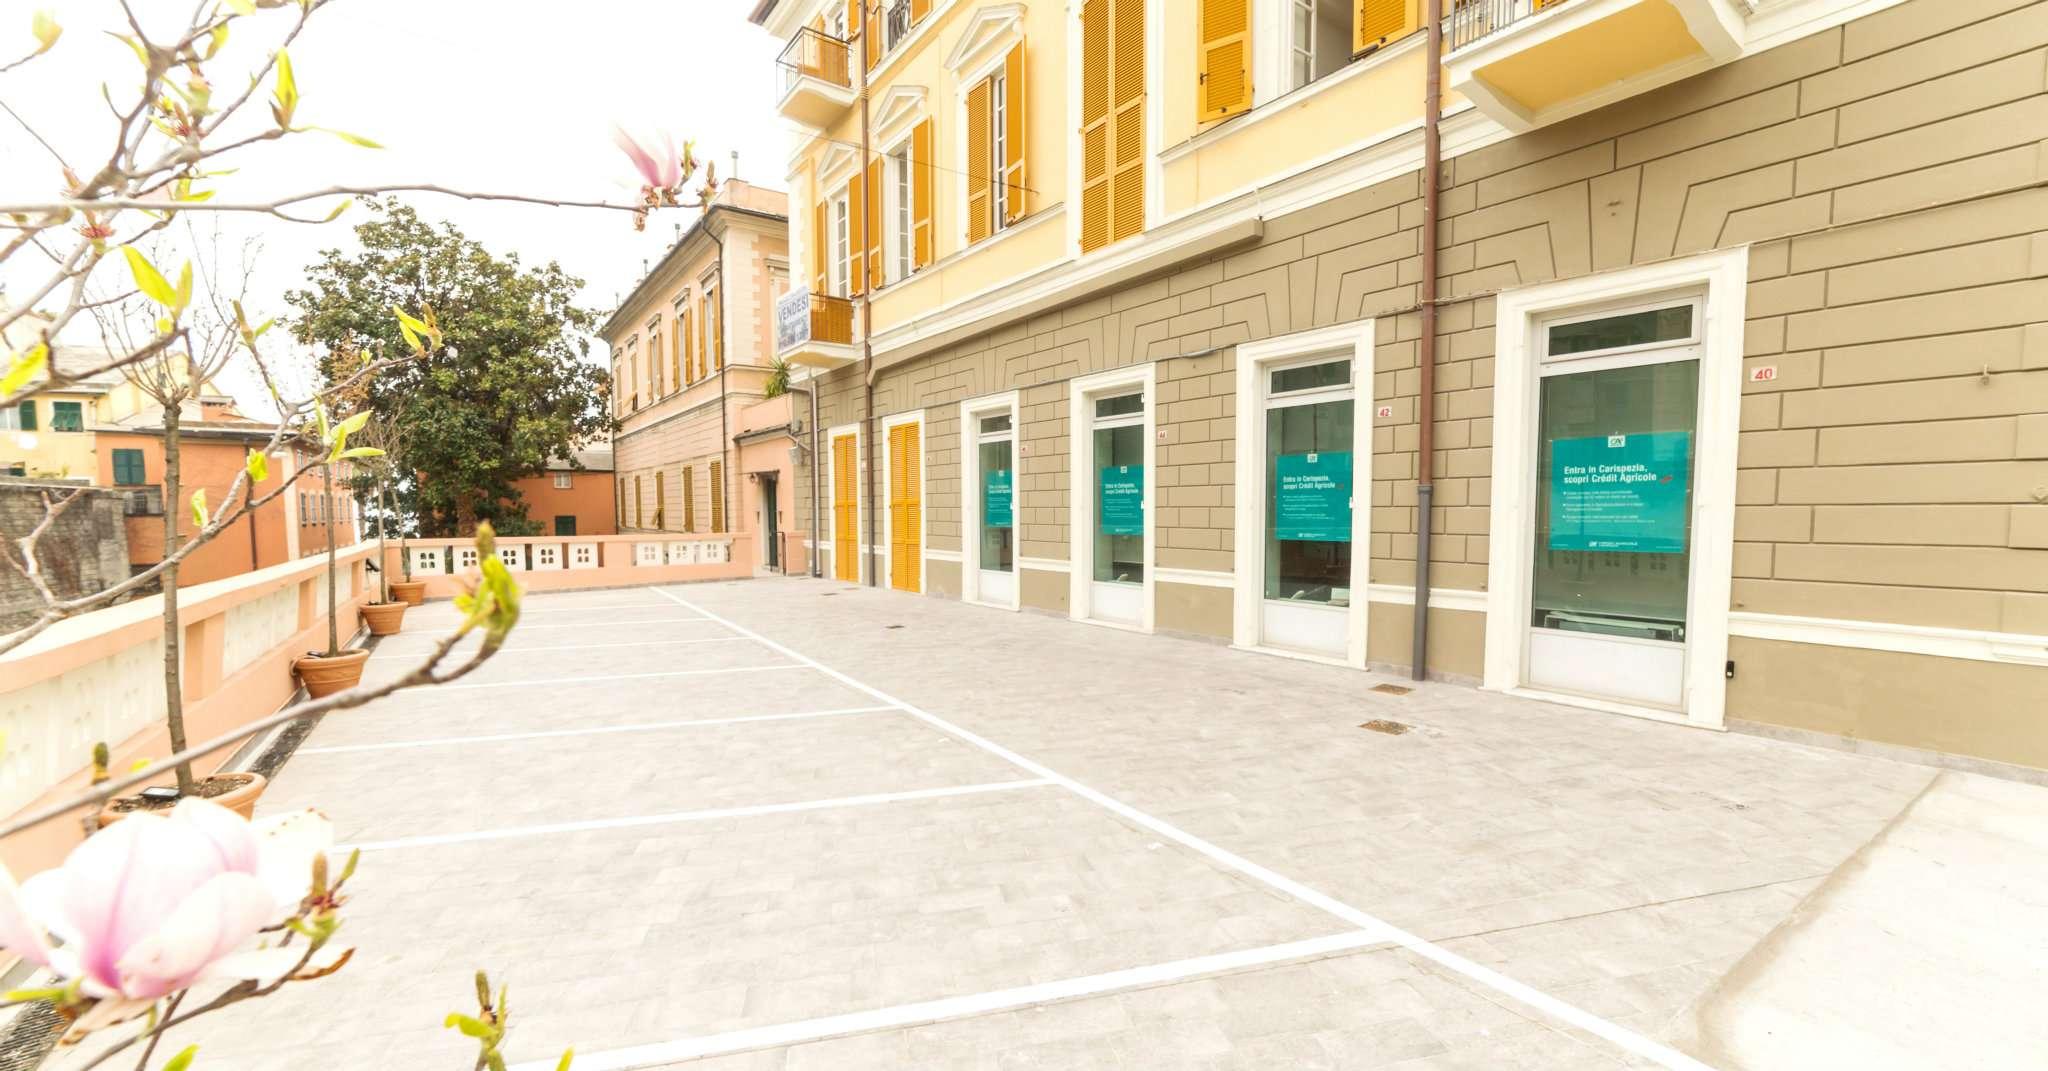 Bilocale Genova Viale Pallavicini 8